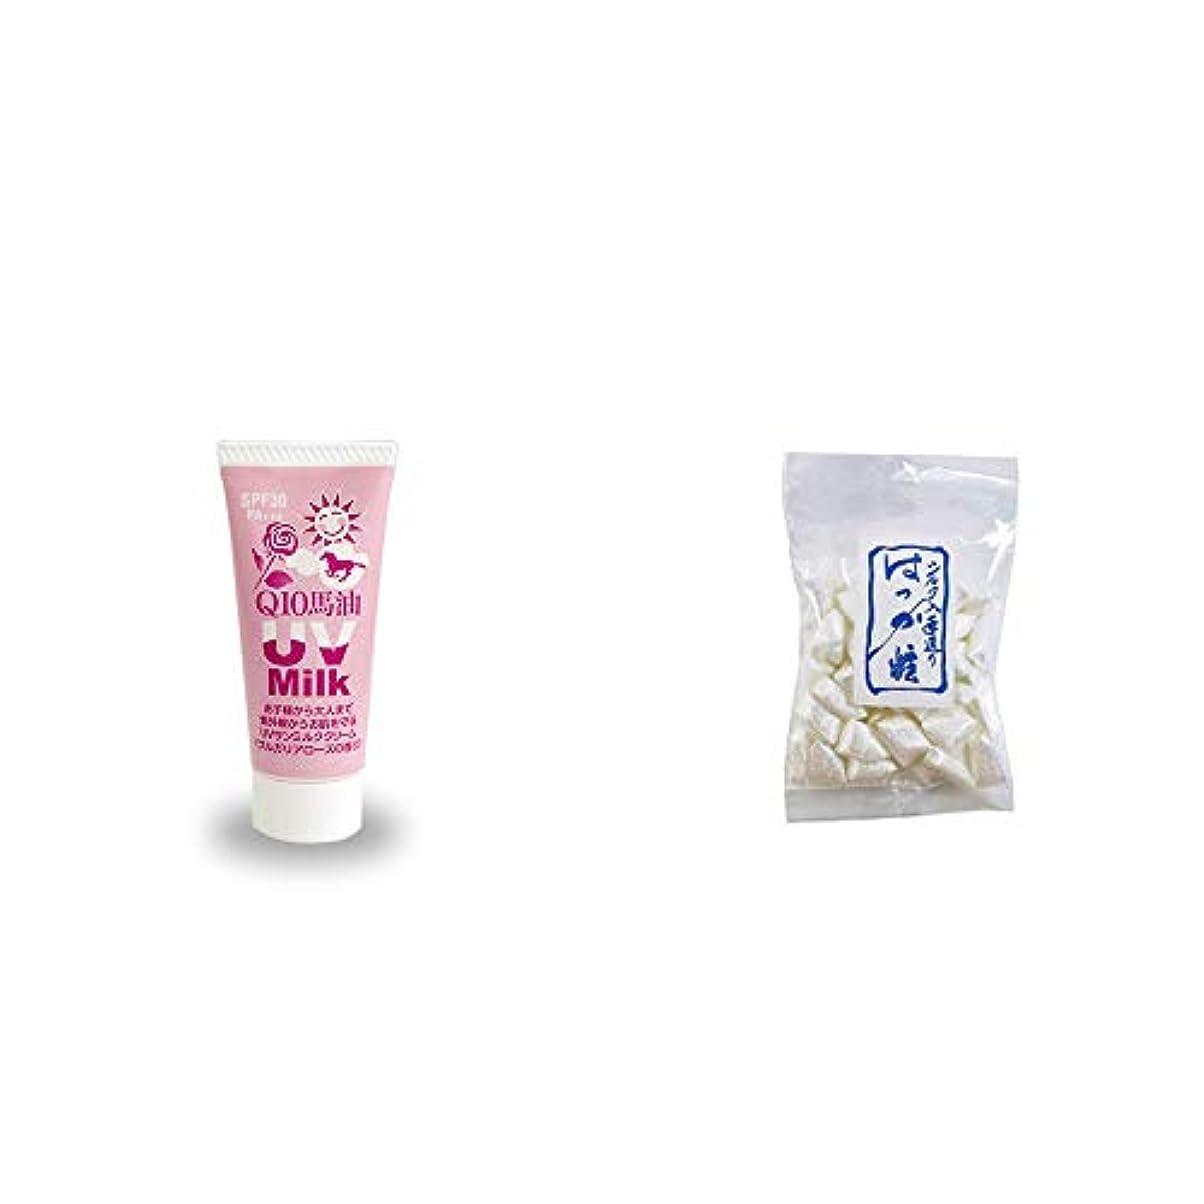 繁栄ゲート直感[2点セット] 炭黒泉 Q10馬油 UVサンミルク[ブルガリアローズ](40g)?シルクはっか糖(150g)